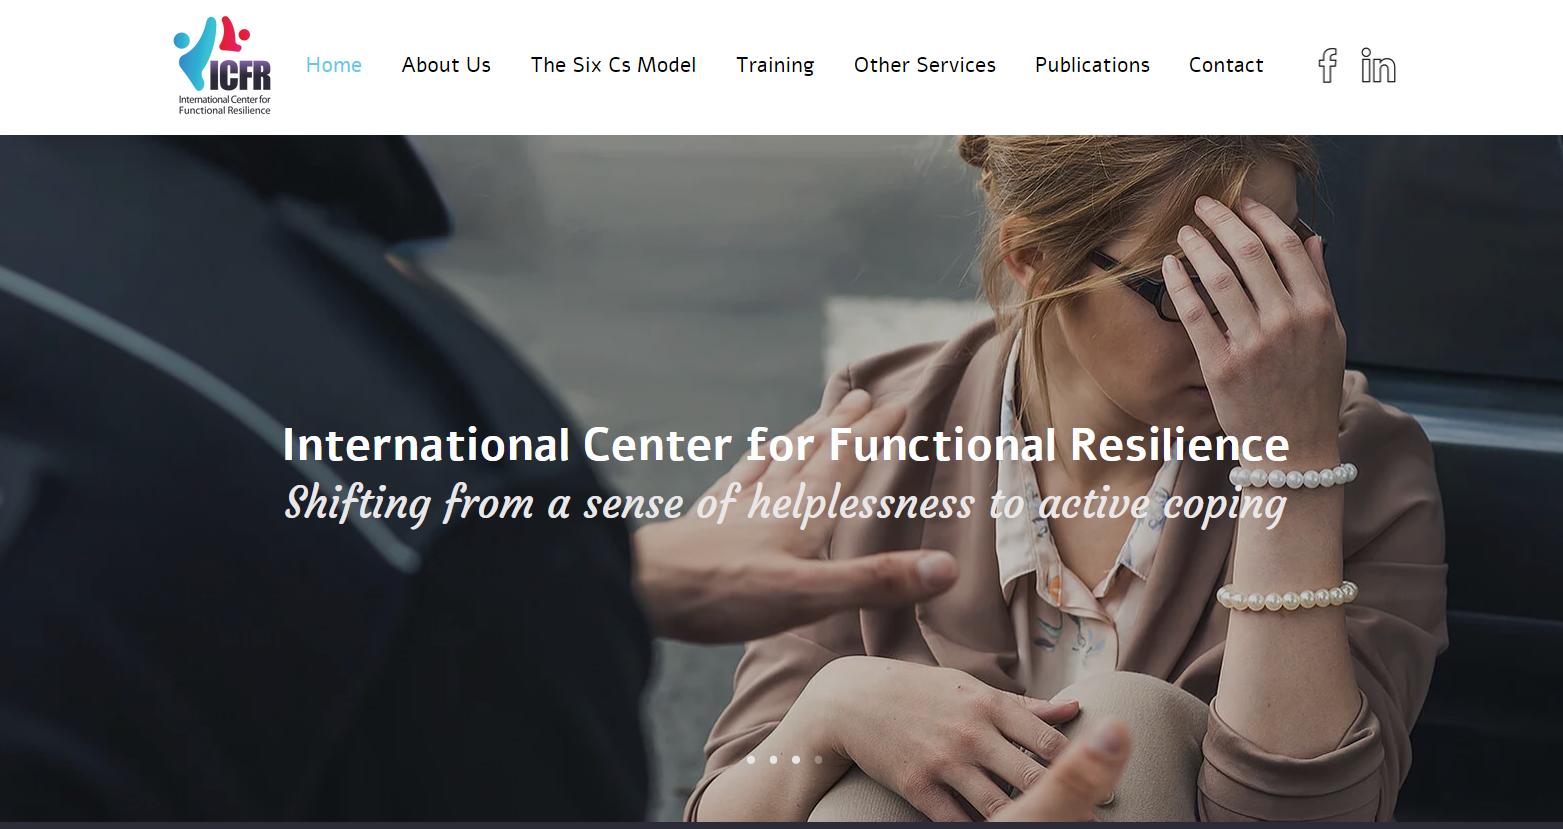 Nouveau site web pour l'ICFR en Israel